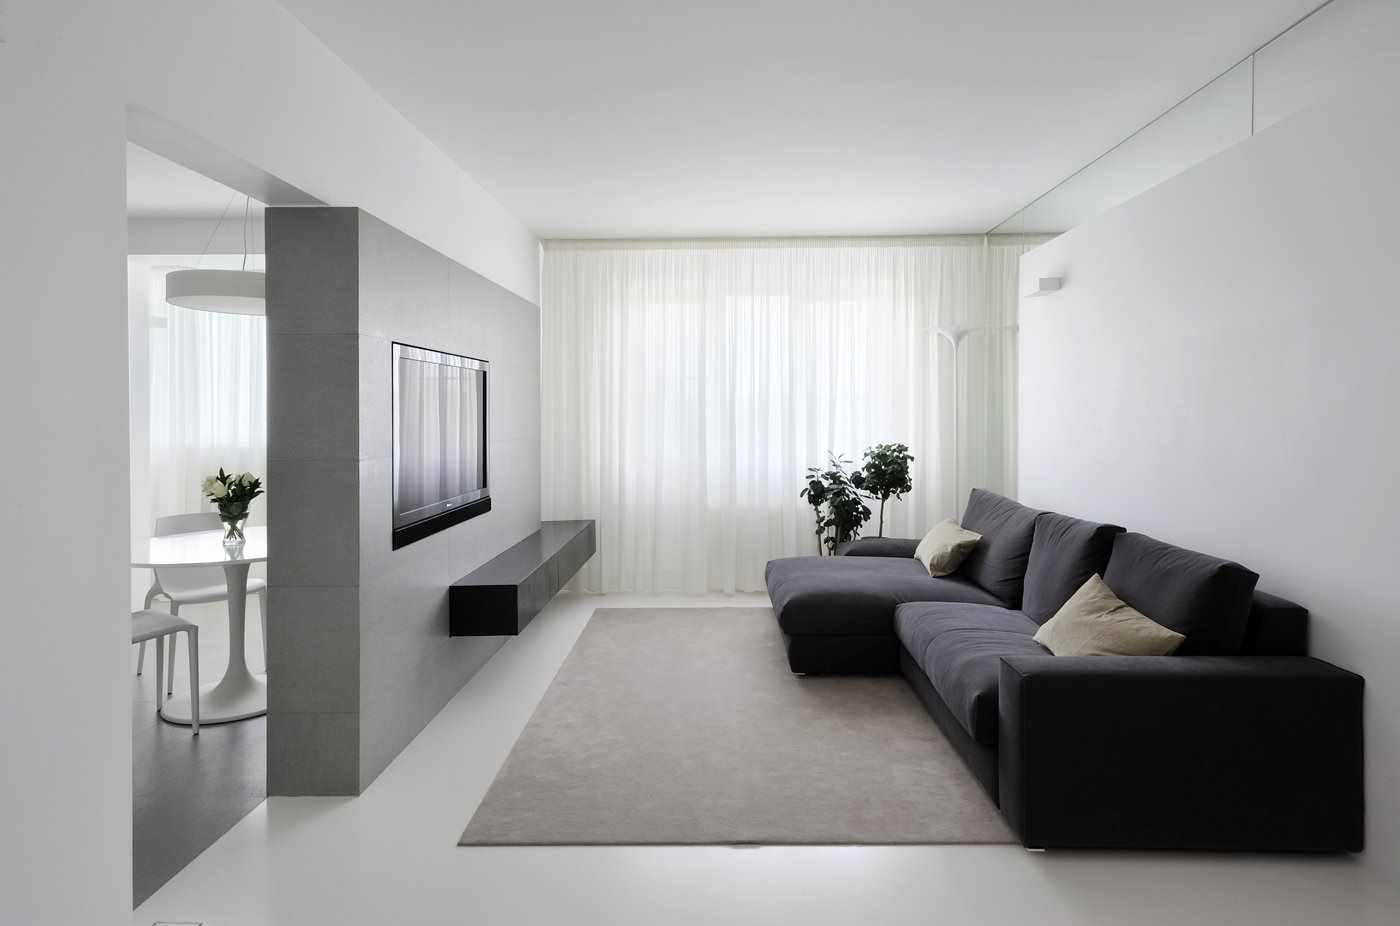 ý tưởng sử dụng trang trí ánh sáng của phòng khách theo phong cách tối giản